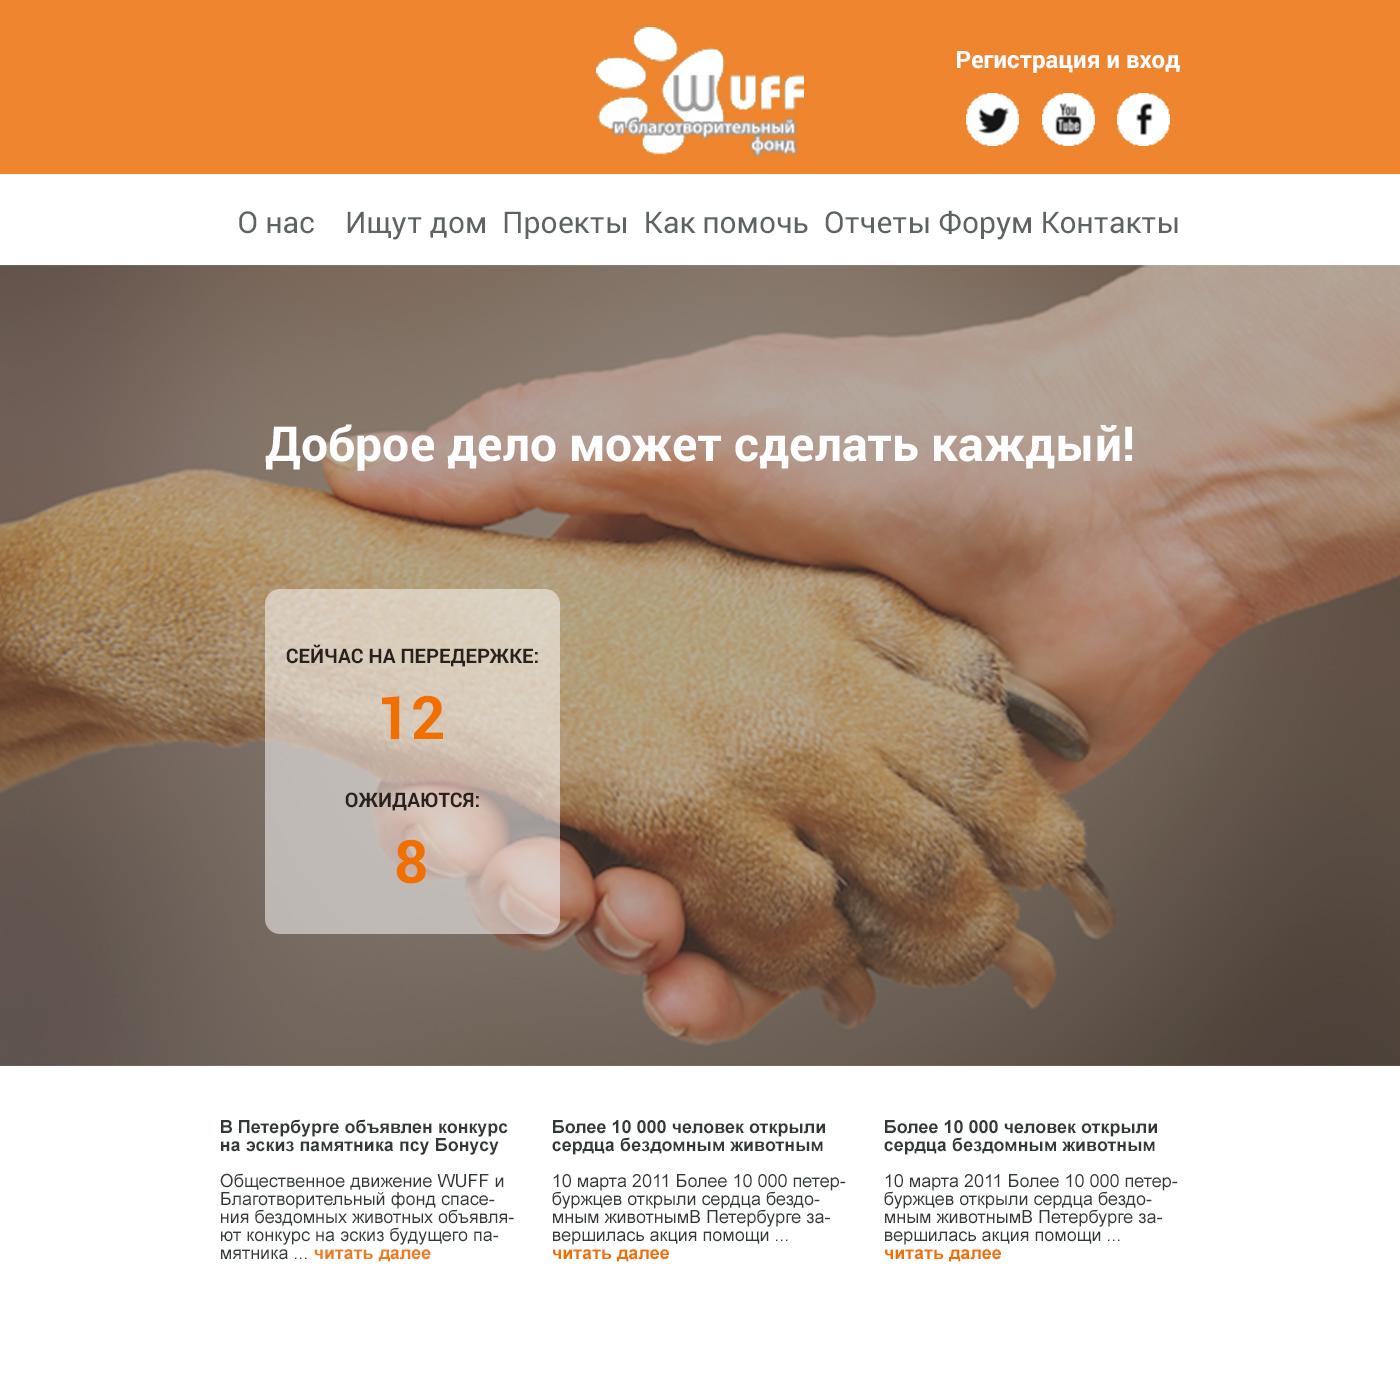 Требуется разработать дизайн сайта помощи бездомным животным фото f_63058789d5d16d55.jpg